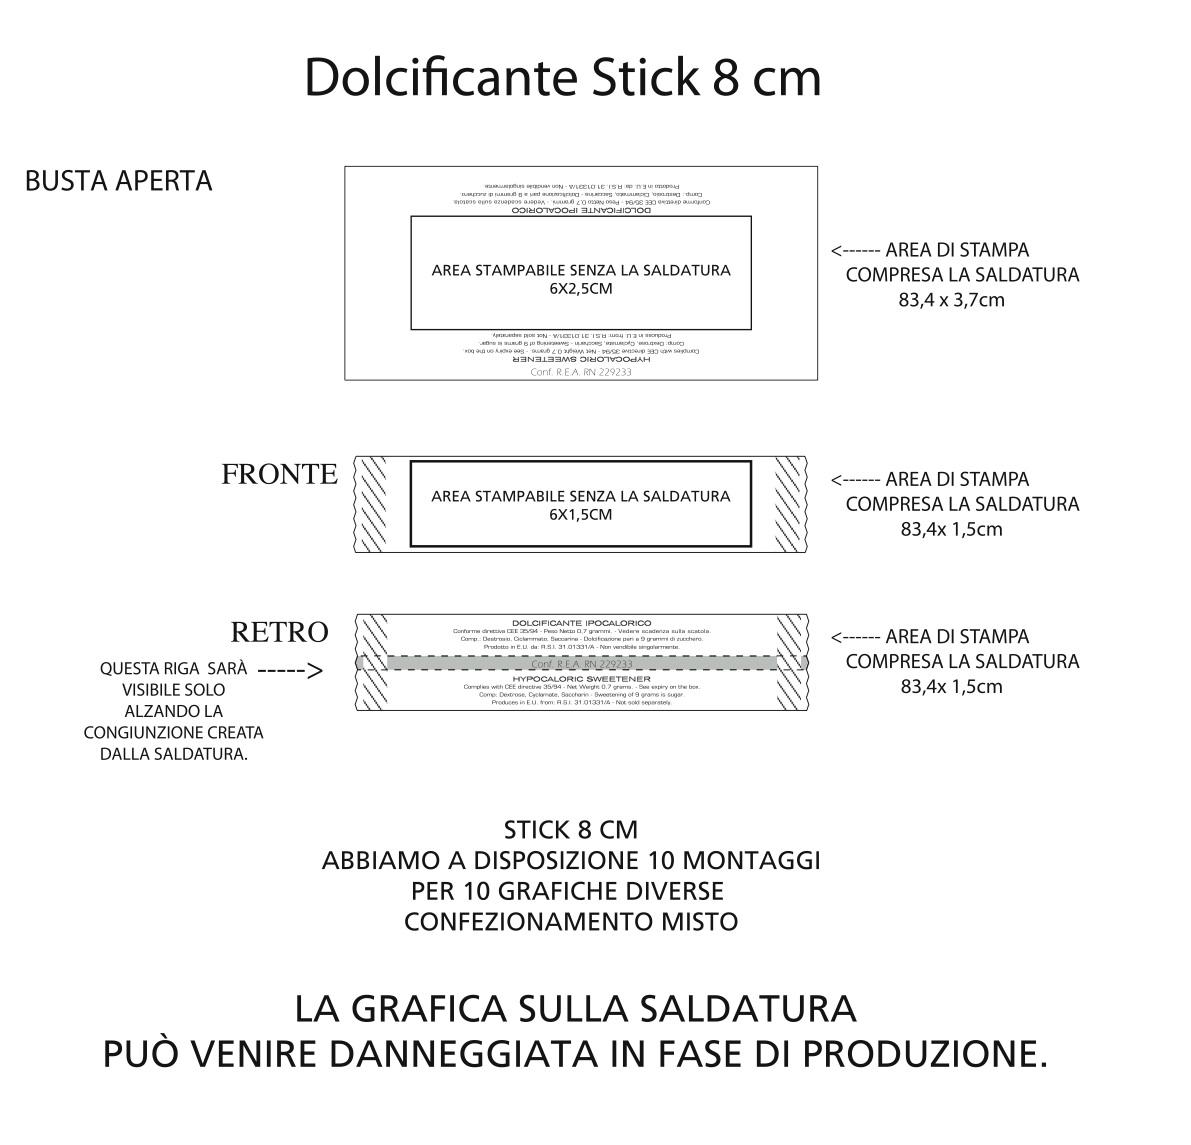 stick 8 cm dolcificante